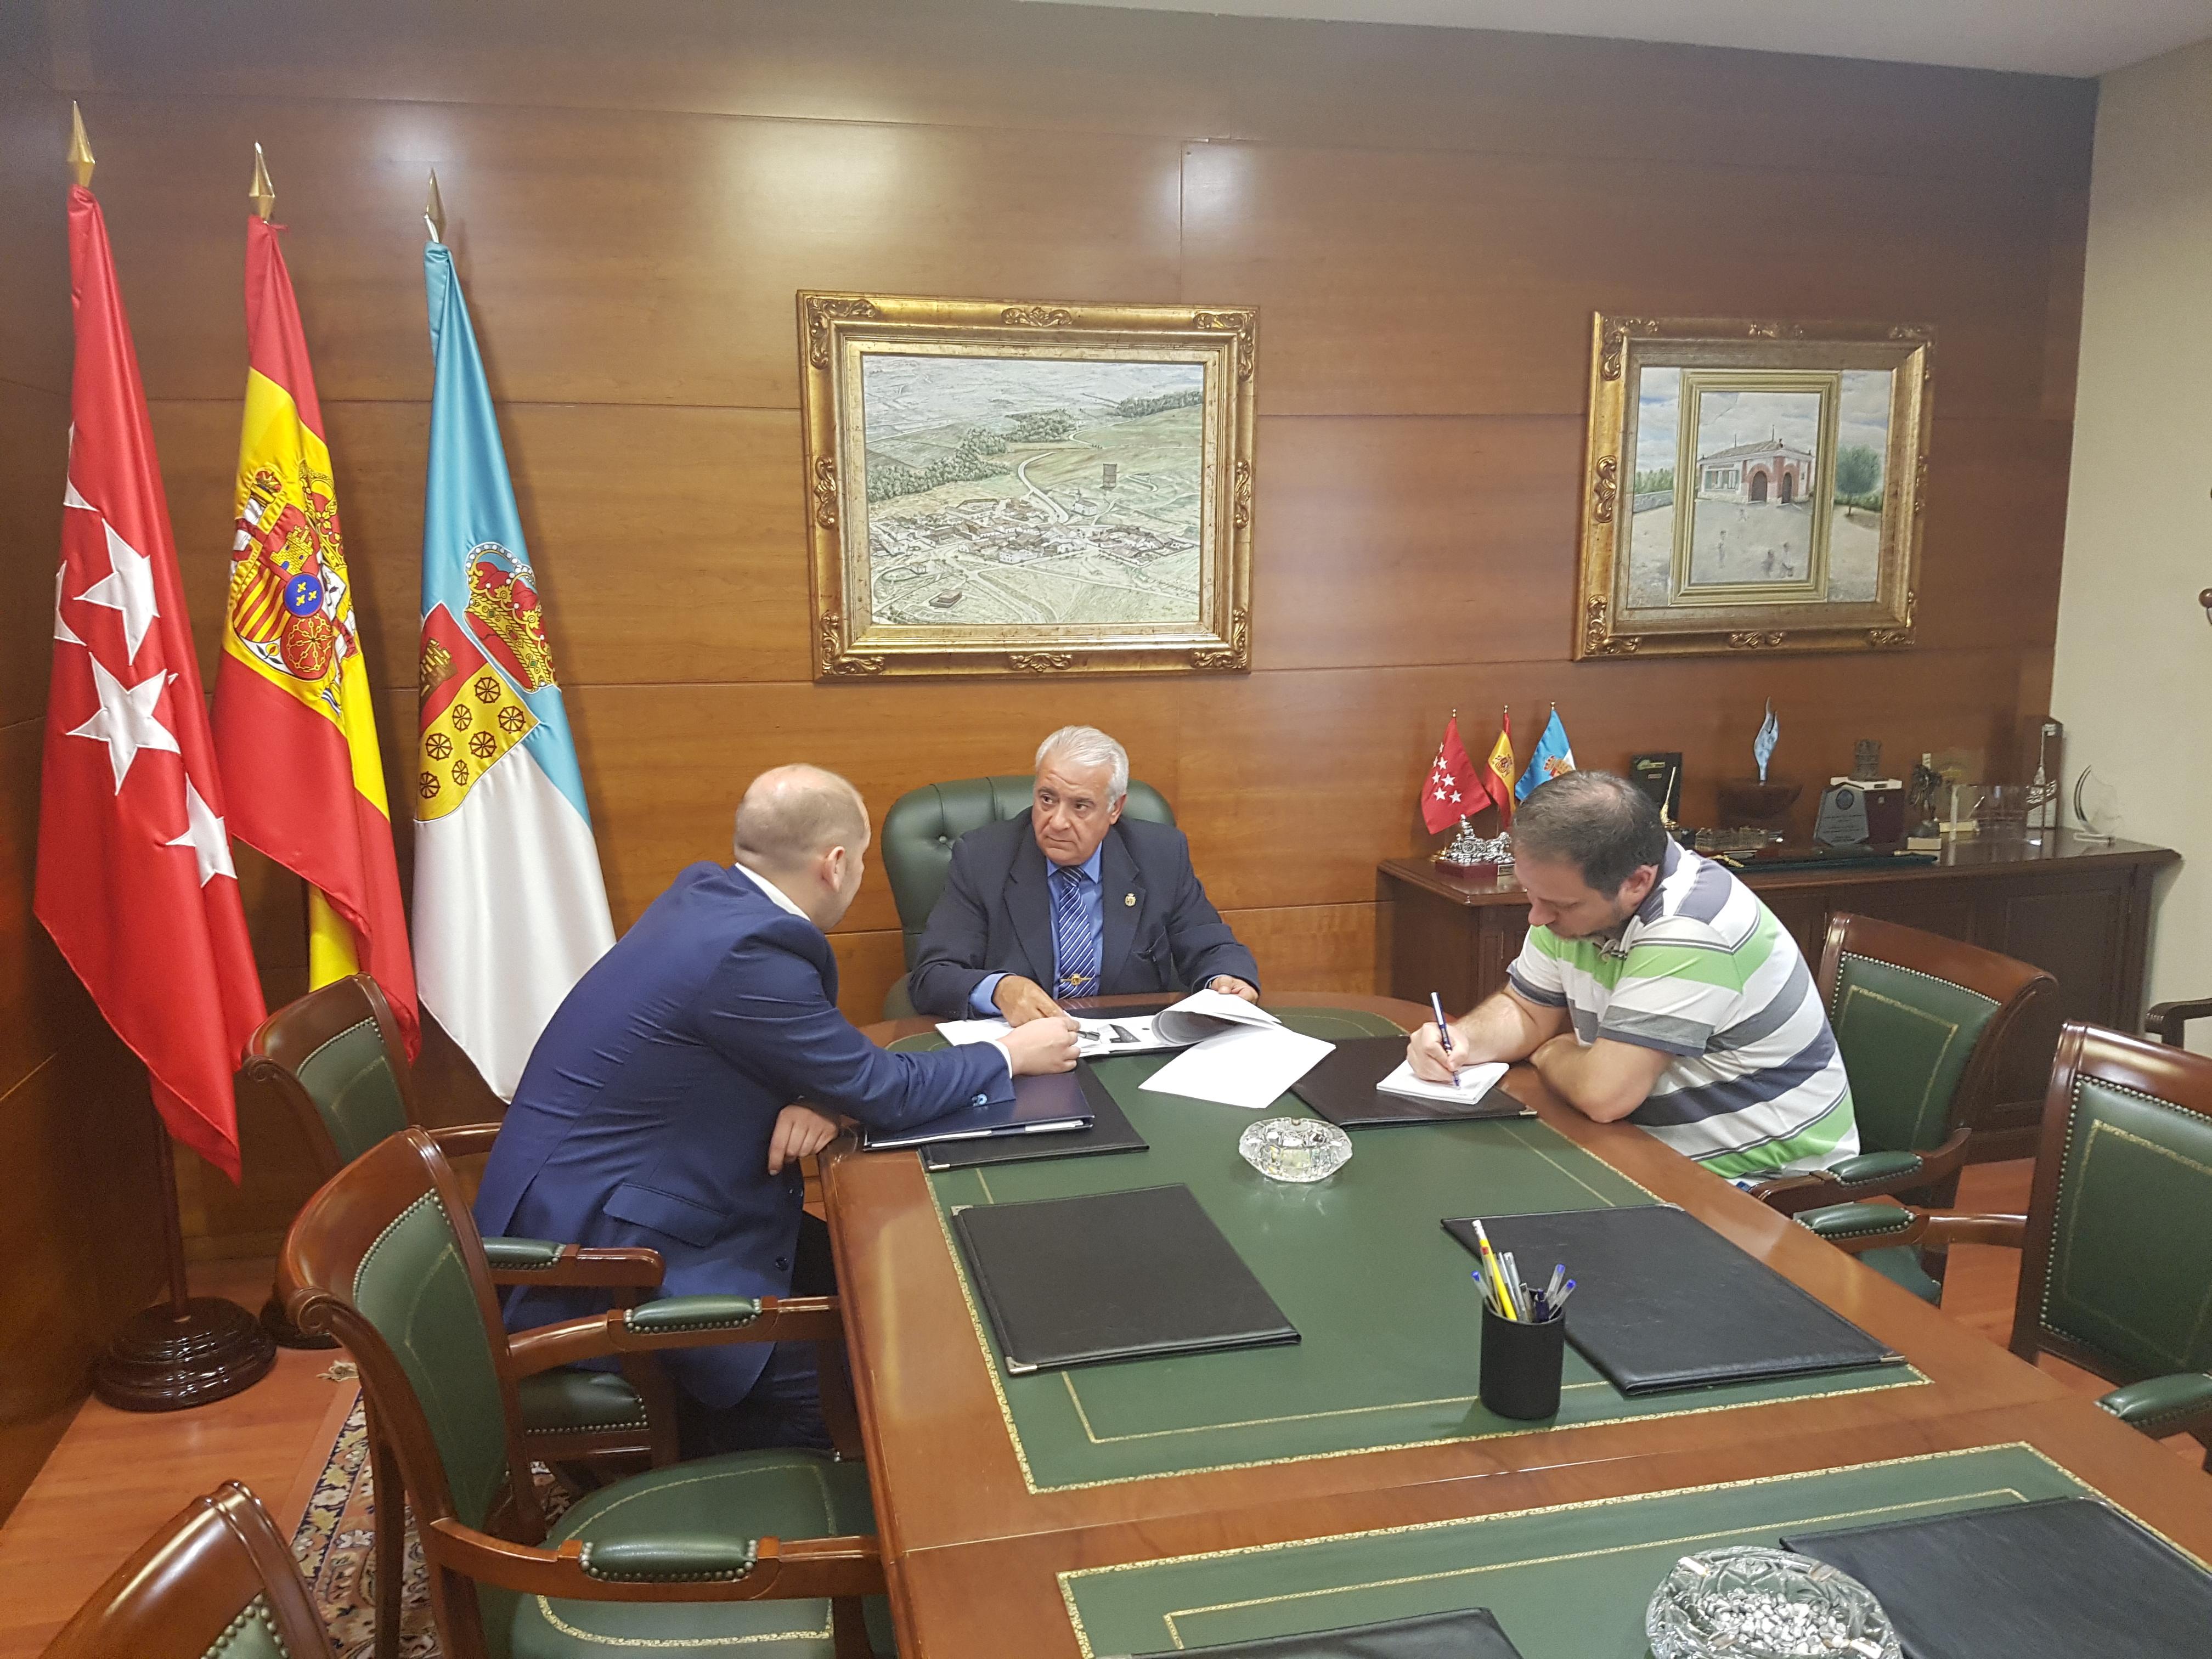 El Alcalde, D. Carlos Ruipérez, junto al Concejal de Comunicación, D. José Manuel Artés, y el represetante de Correos, durante la firma del acuerdo.